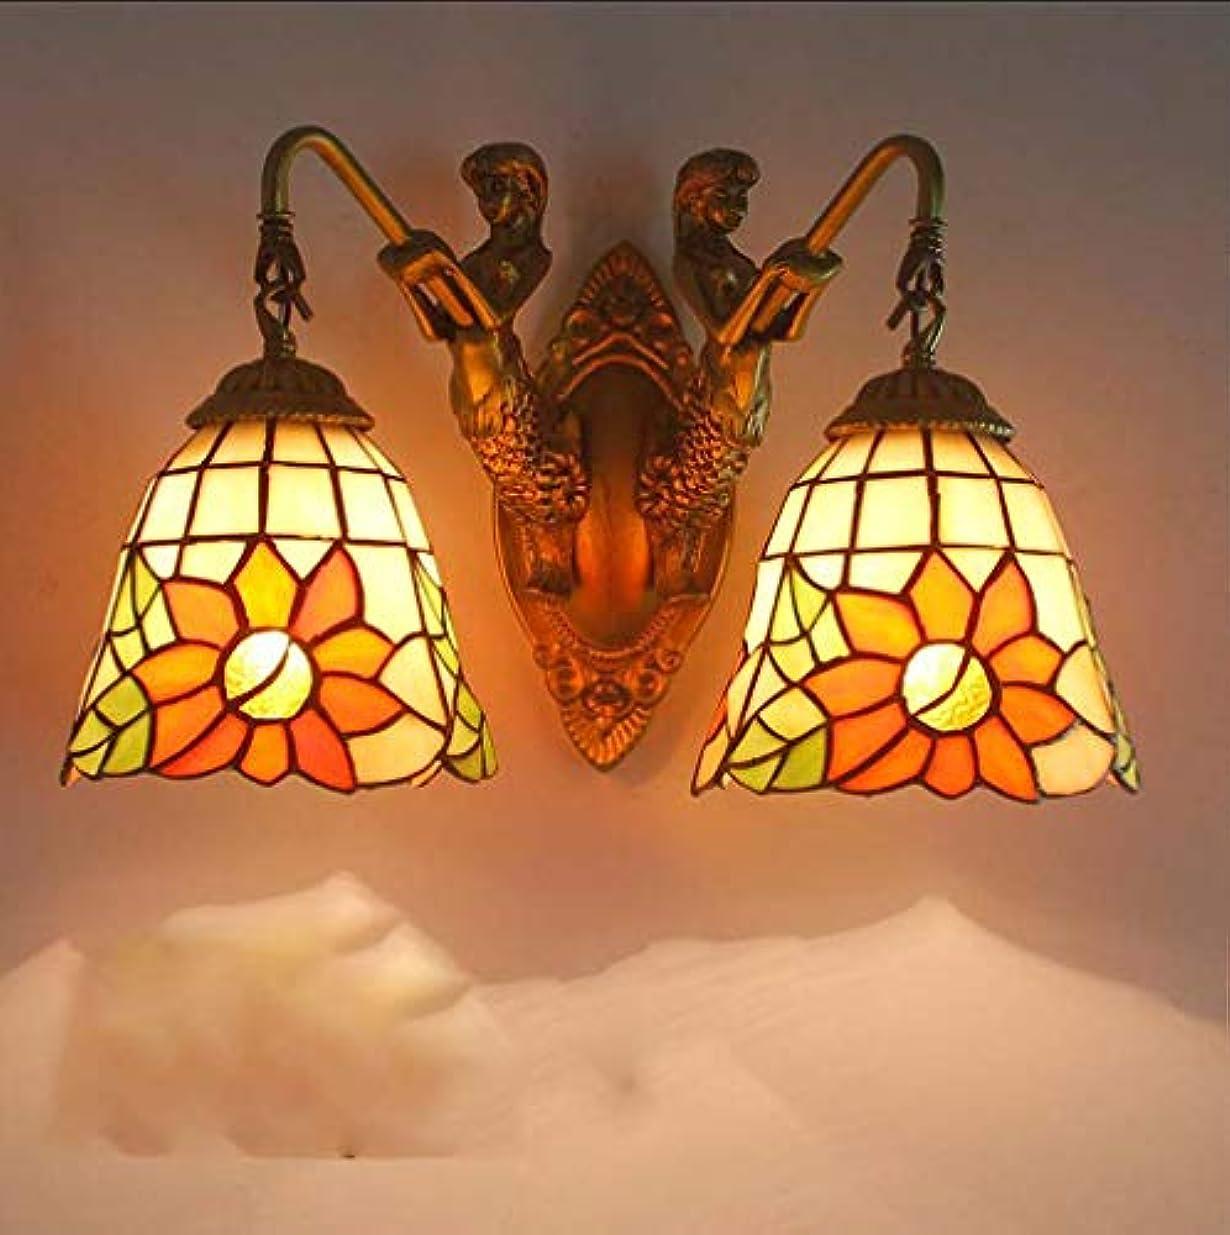 月曜日テクスチャー誠実さアンティークティファニースタイル壁取り付け用燭台ランプひまわりステンドグラスシェード、屋内のリビングルームのバスルームミラーヘッドライト、黄色のヴィンテージの壁ライト,D